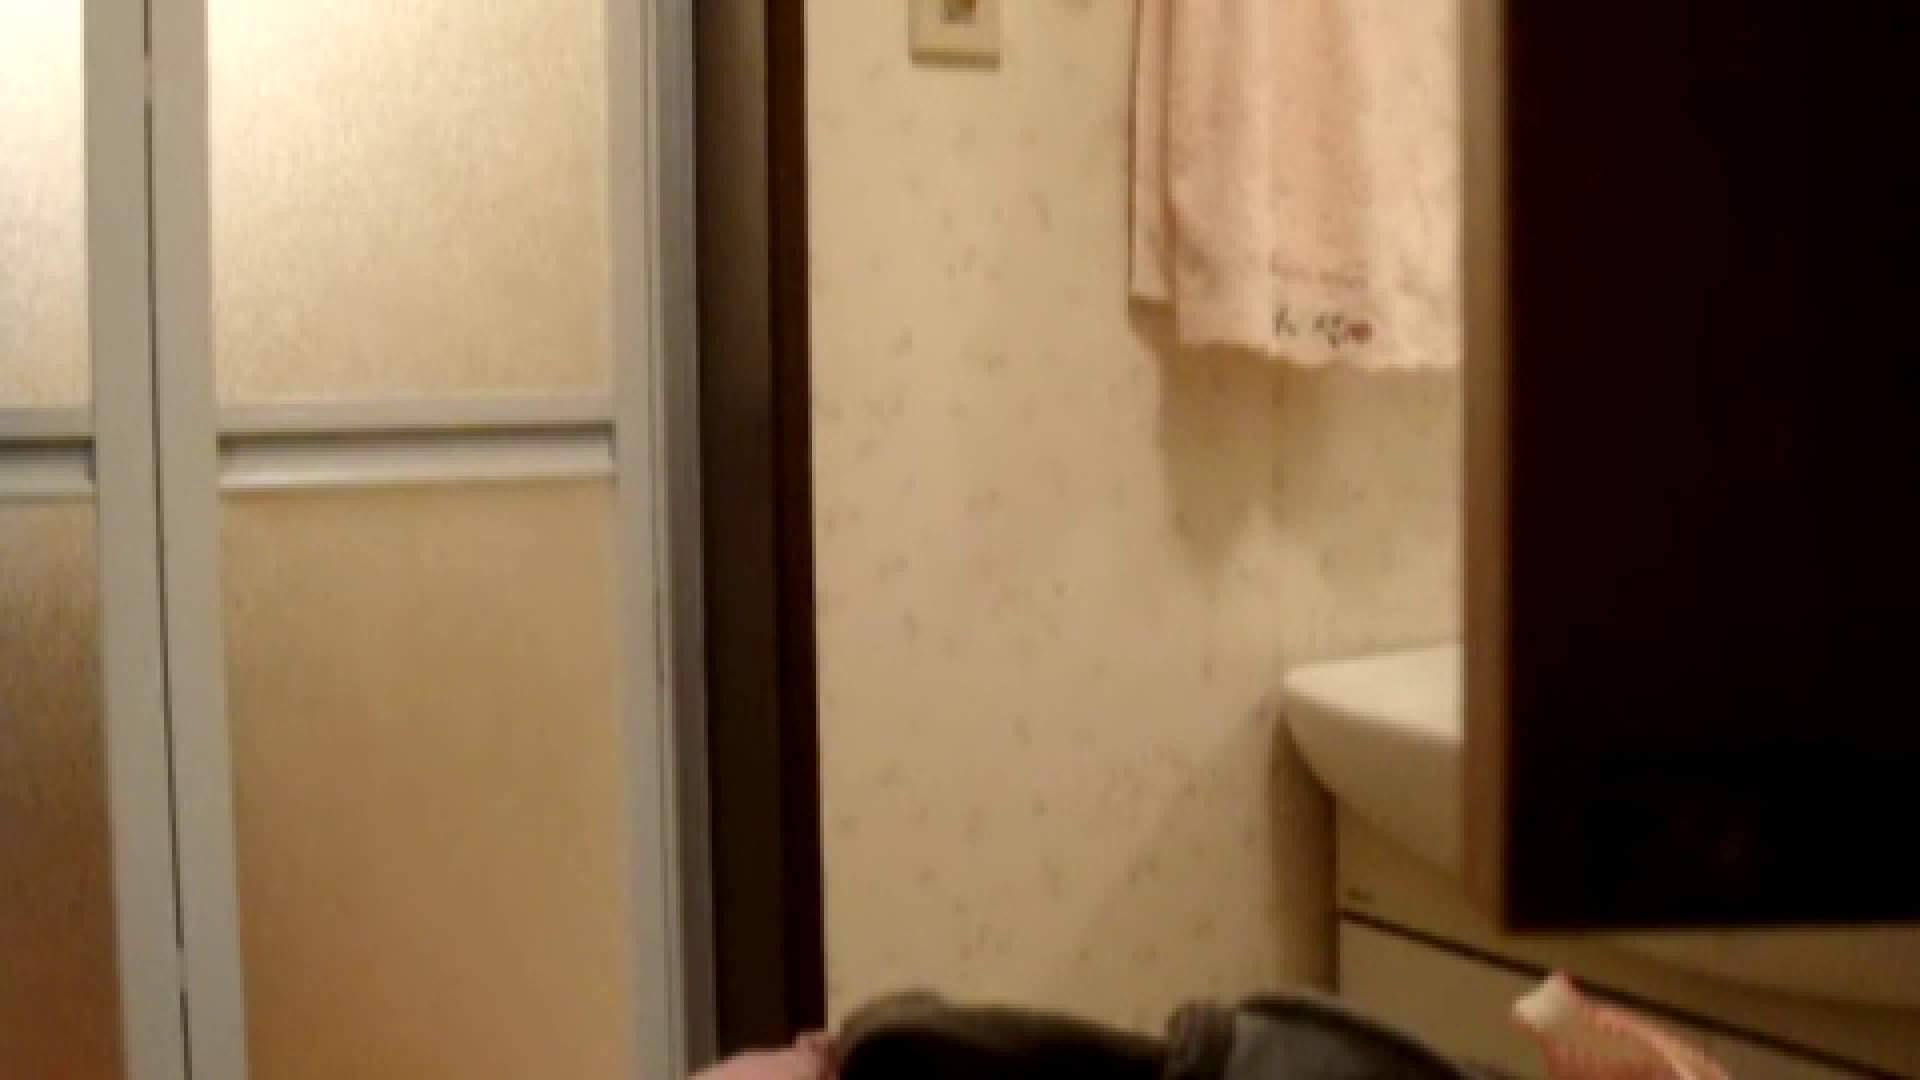 二人とも育てた甲斐がありました… vol.08 まどかの入浴中にカメラに気付いたか!? OLのエロ生活  71連発 36